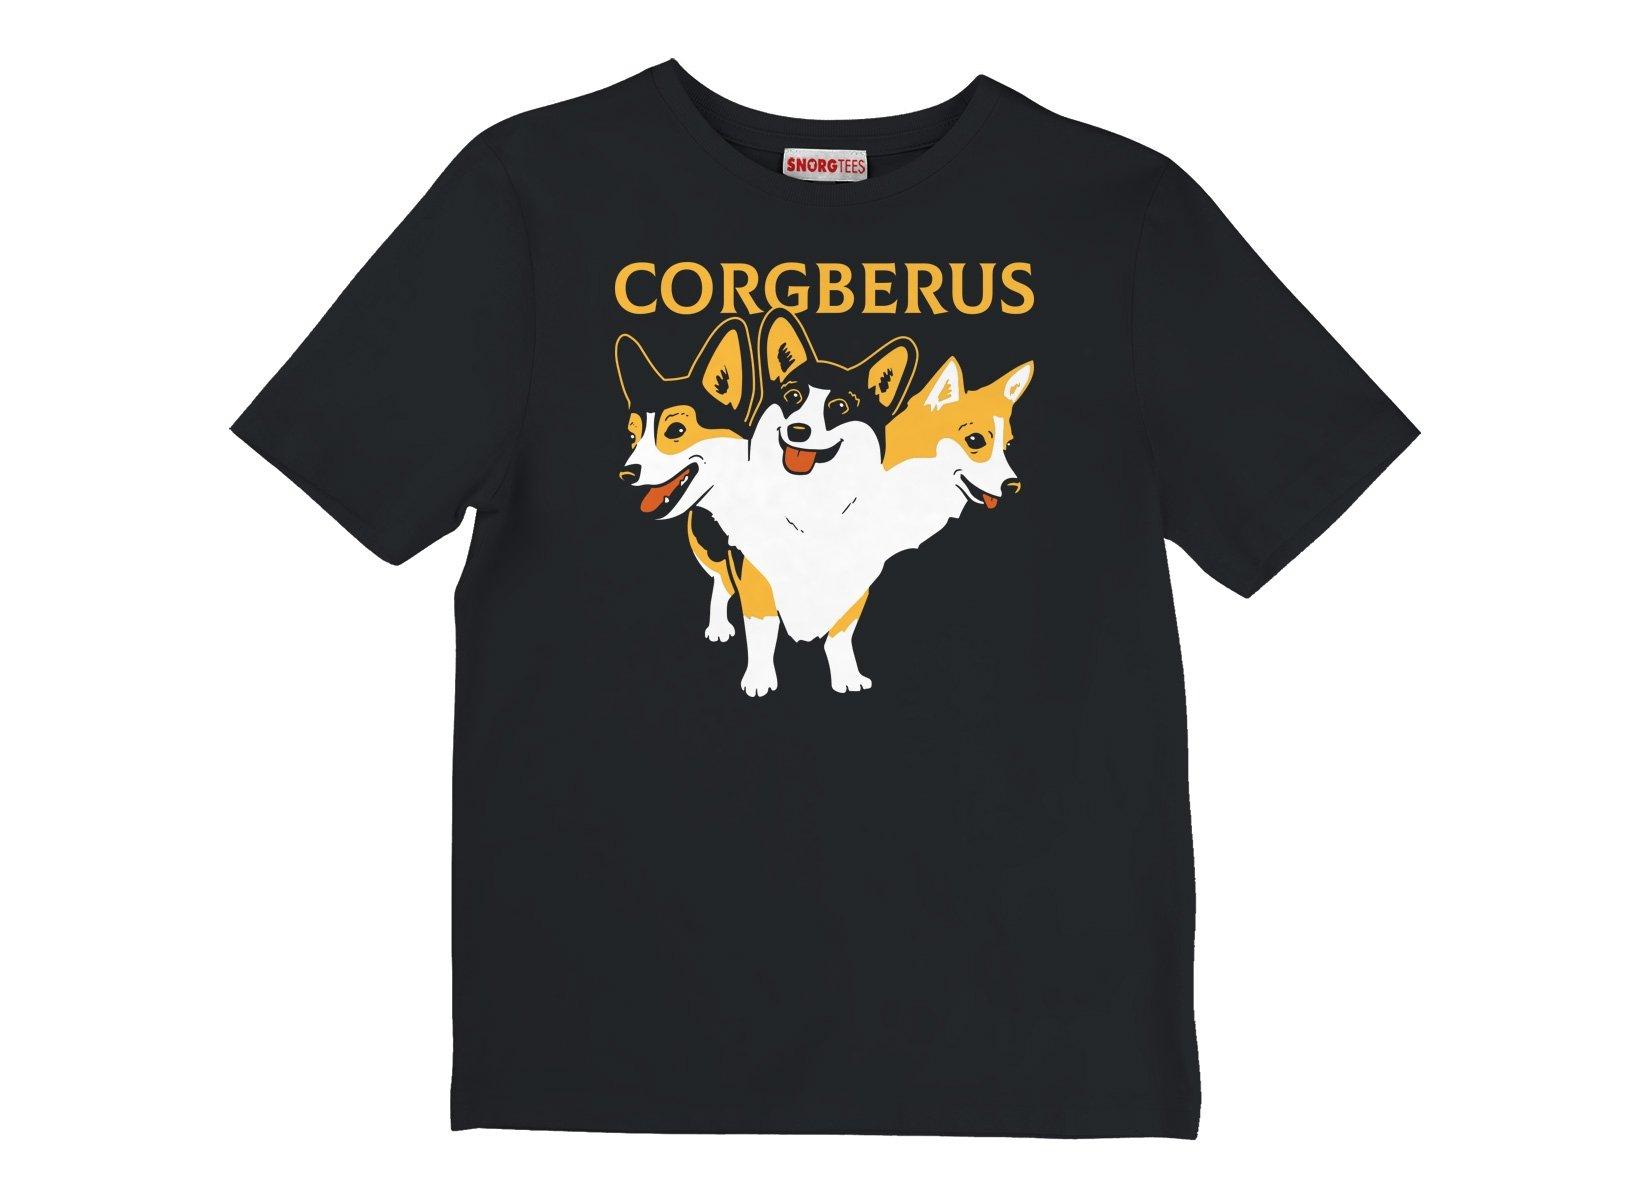 Corgberus on Kids T-Shirt